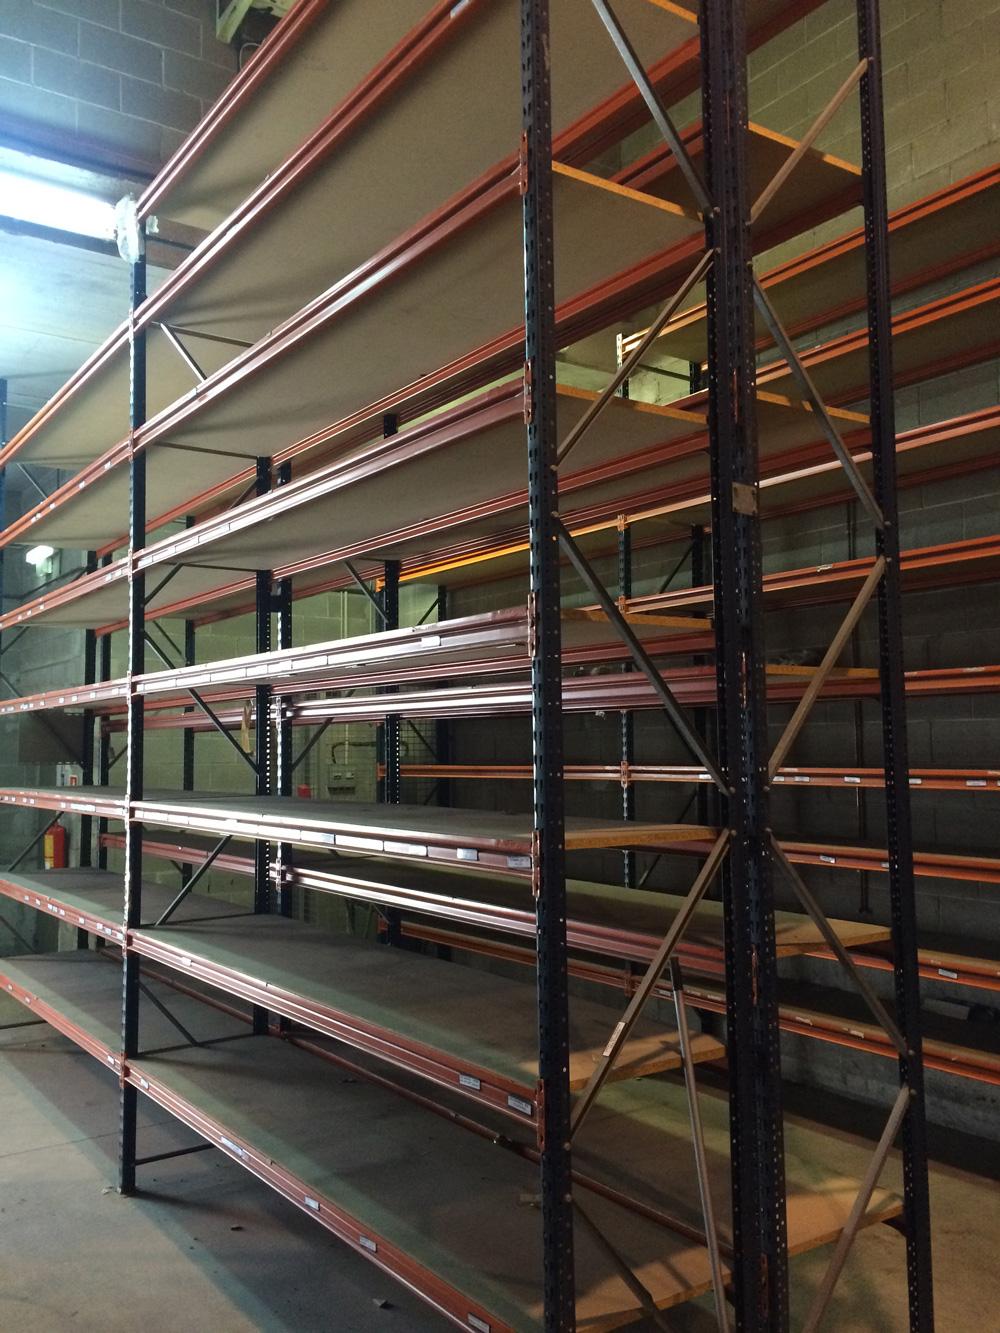 Nuestra experiencia en montaje de estanter as met licas for Montaje de estanterias metalicas